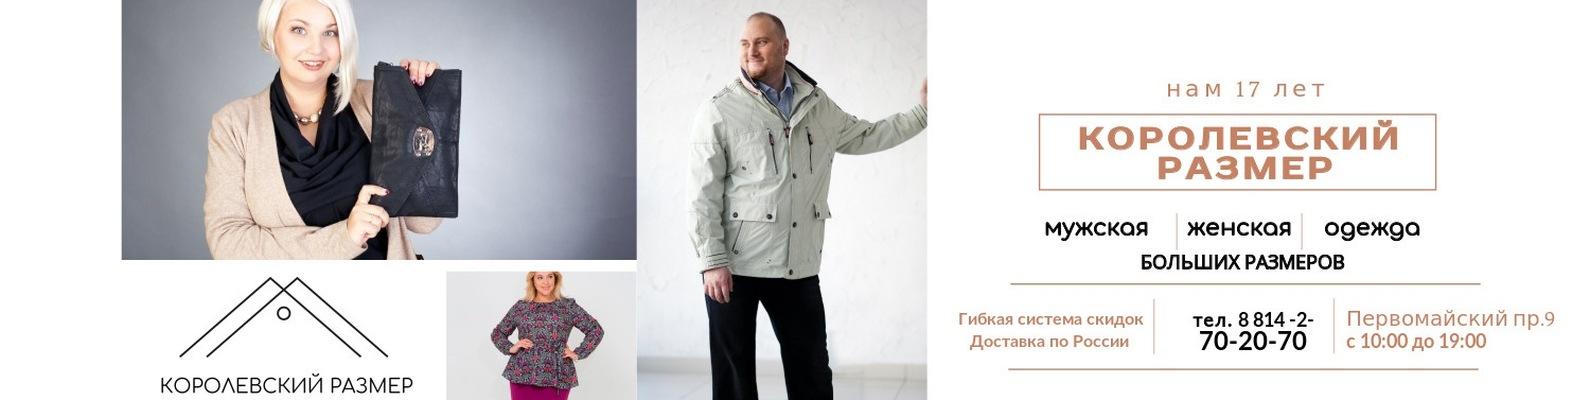 Одежда БОЛЬШИХ РАЗМЕРОВ Королевский размер   ВКонтакте eec2f7977ca